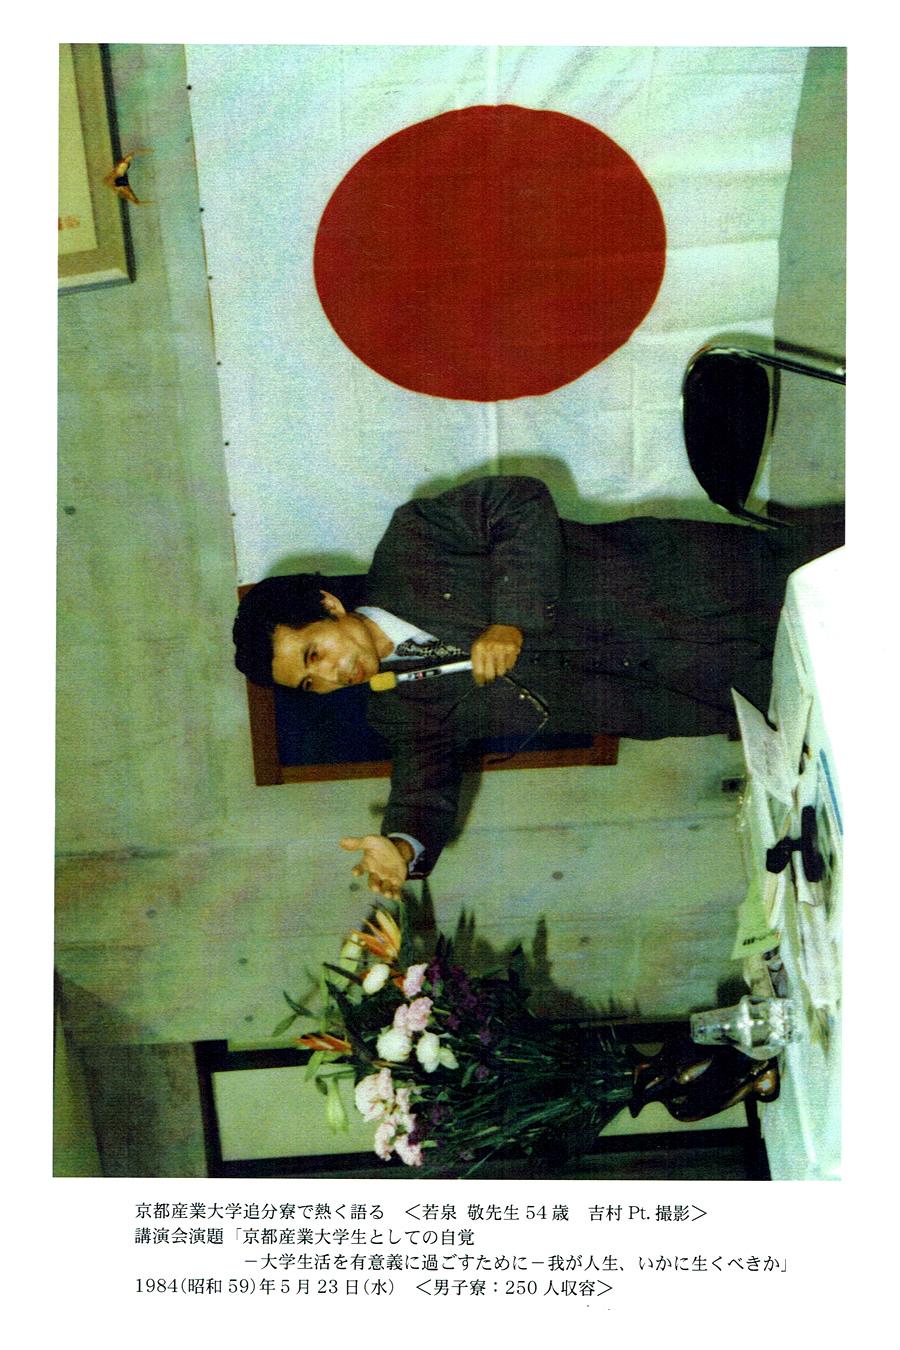 京都産業大学追分寮で熱く語る<若泉 敬先生54歳>